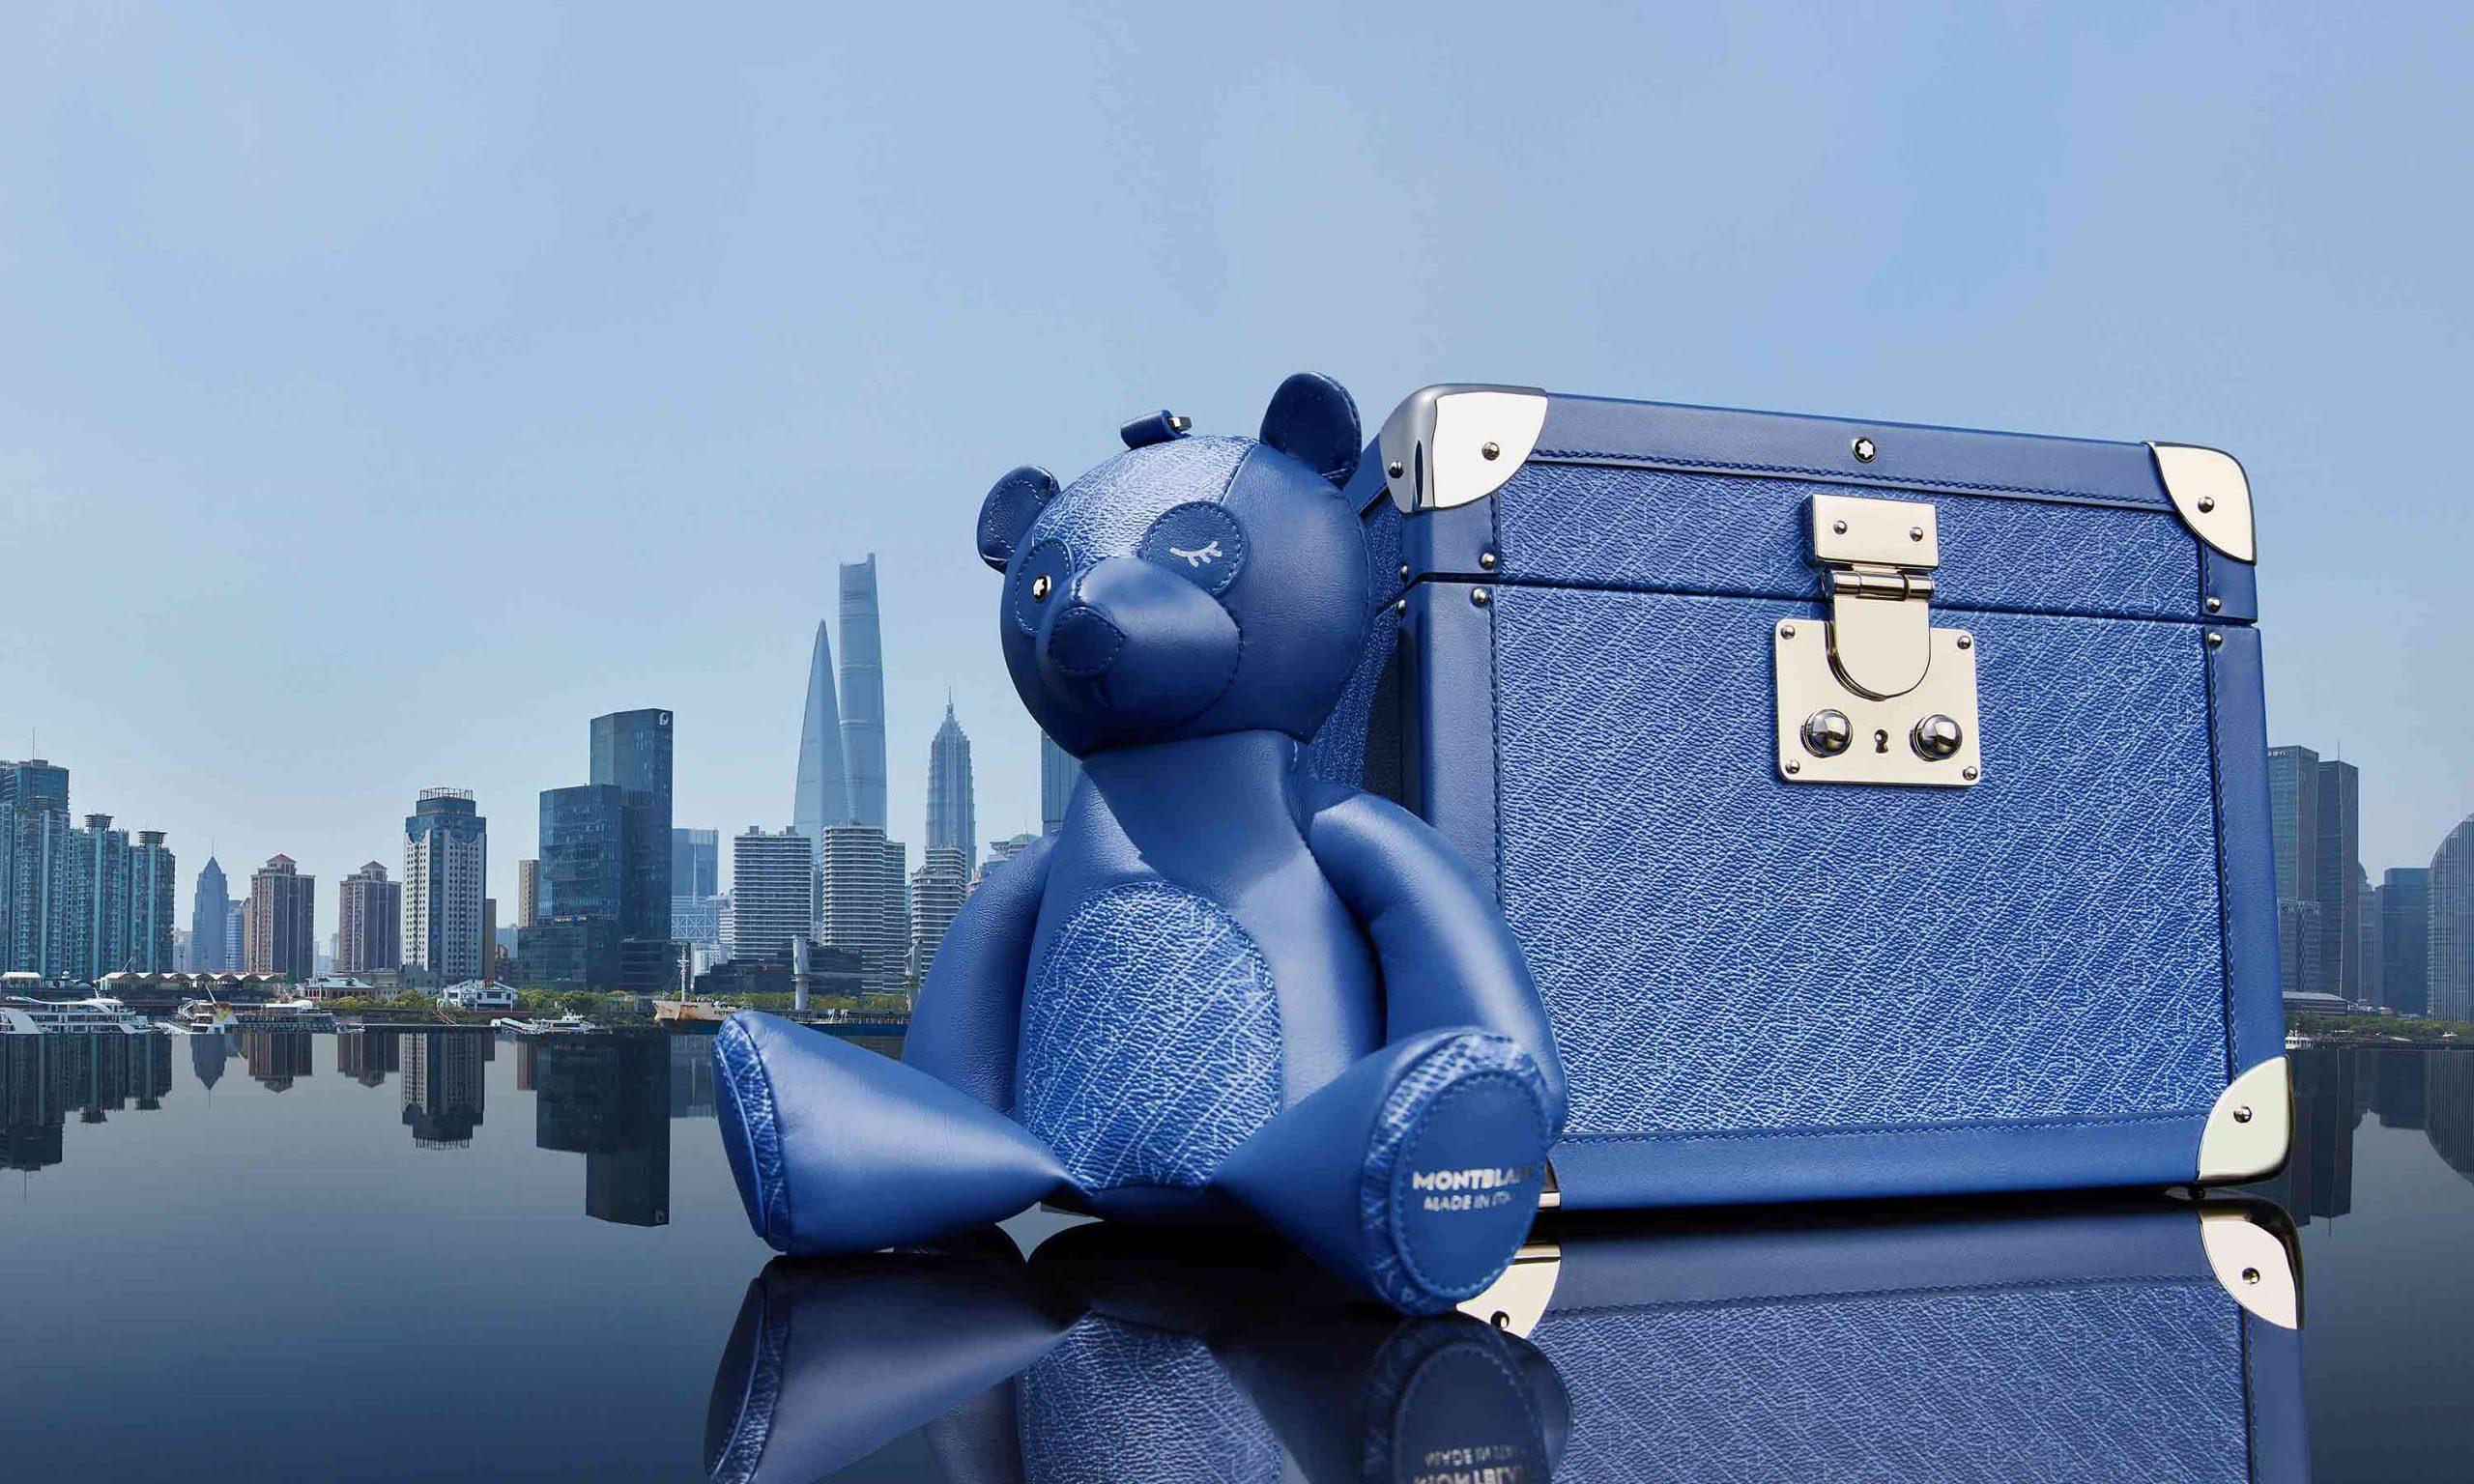 蓝调出街,万宝龙 520 特别皮具系列释出